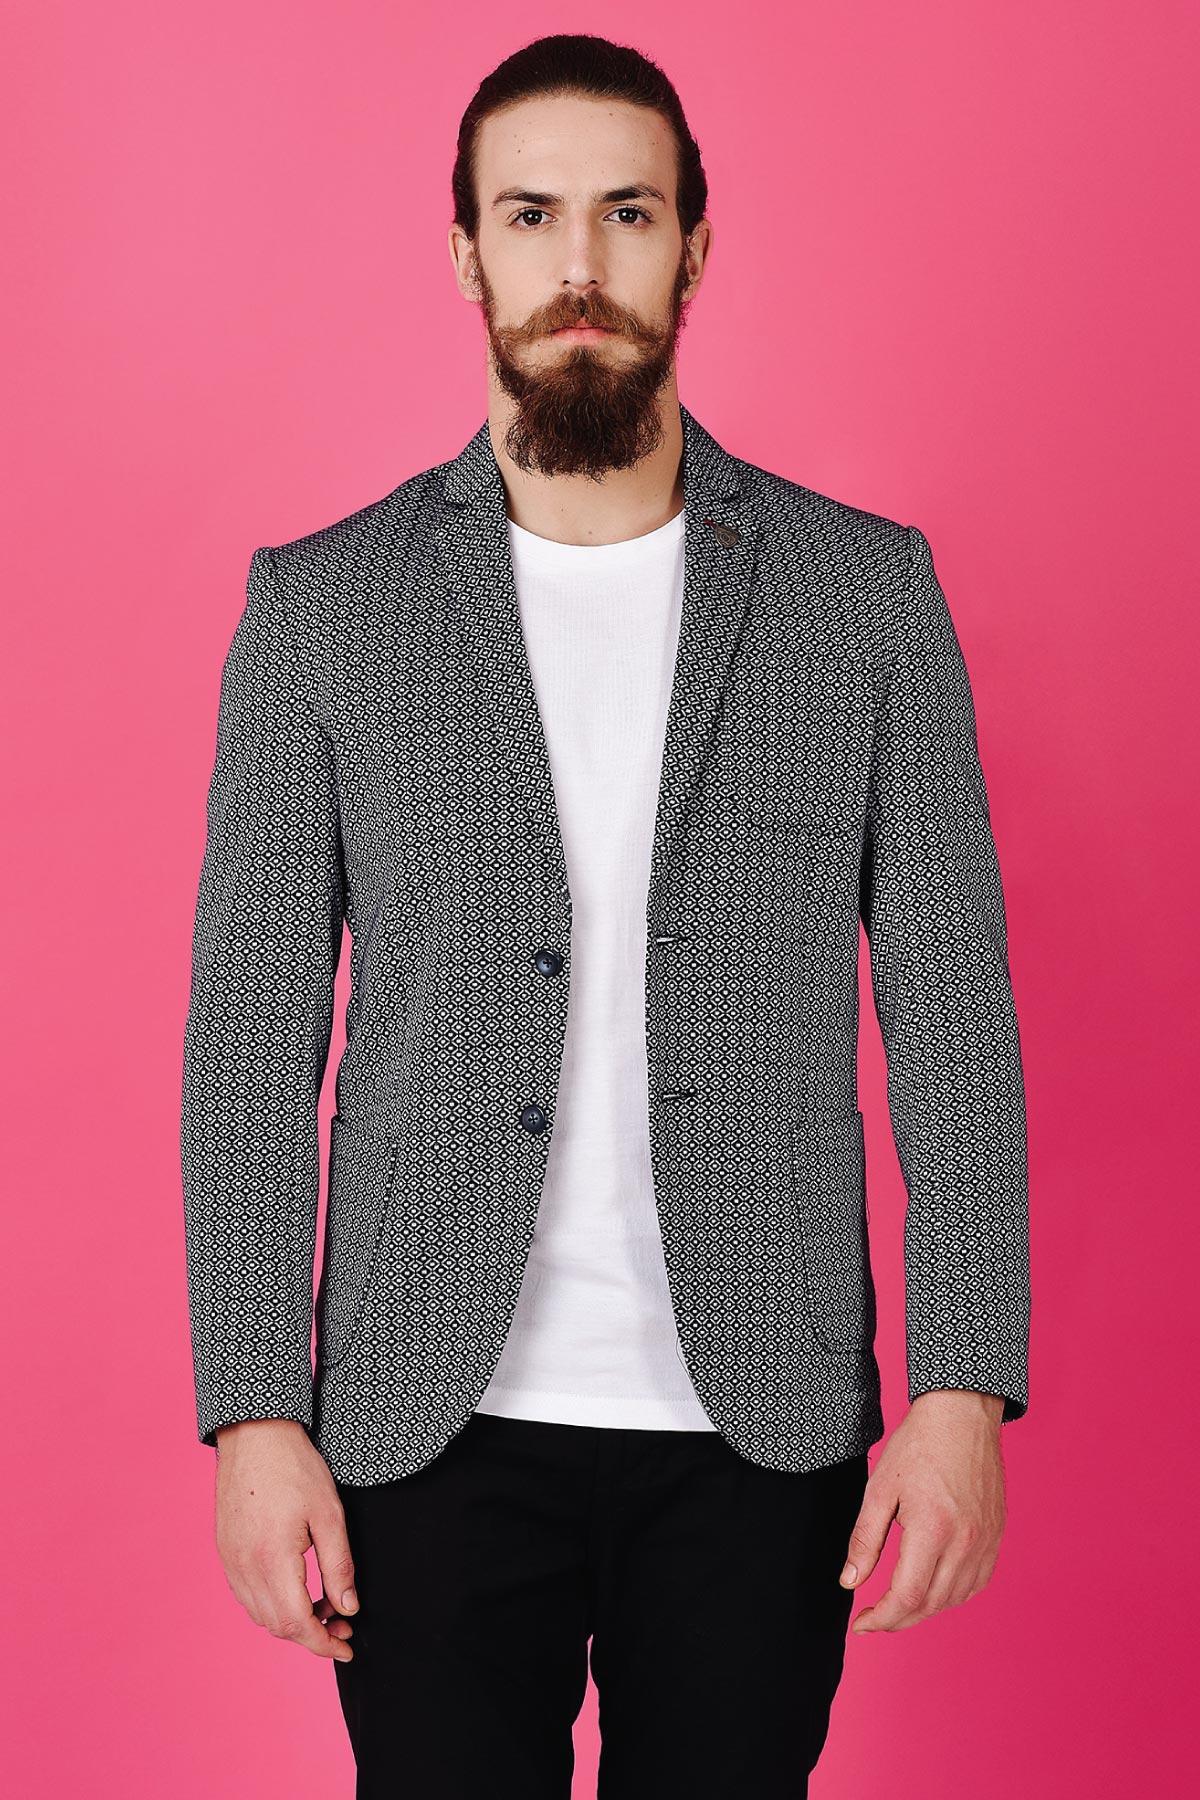 Corduroy Suits a un precio increíble – Llévate increíbles